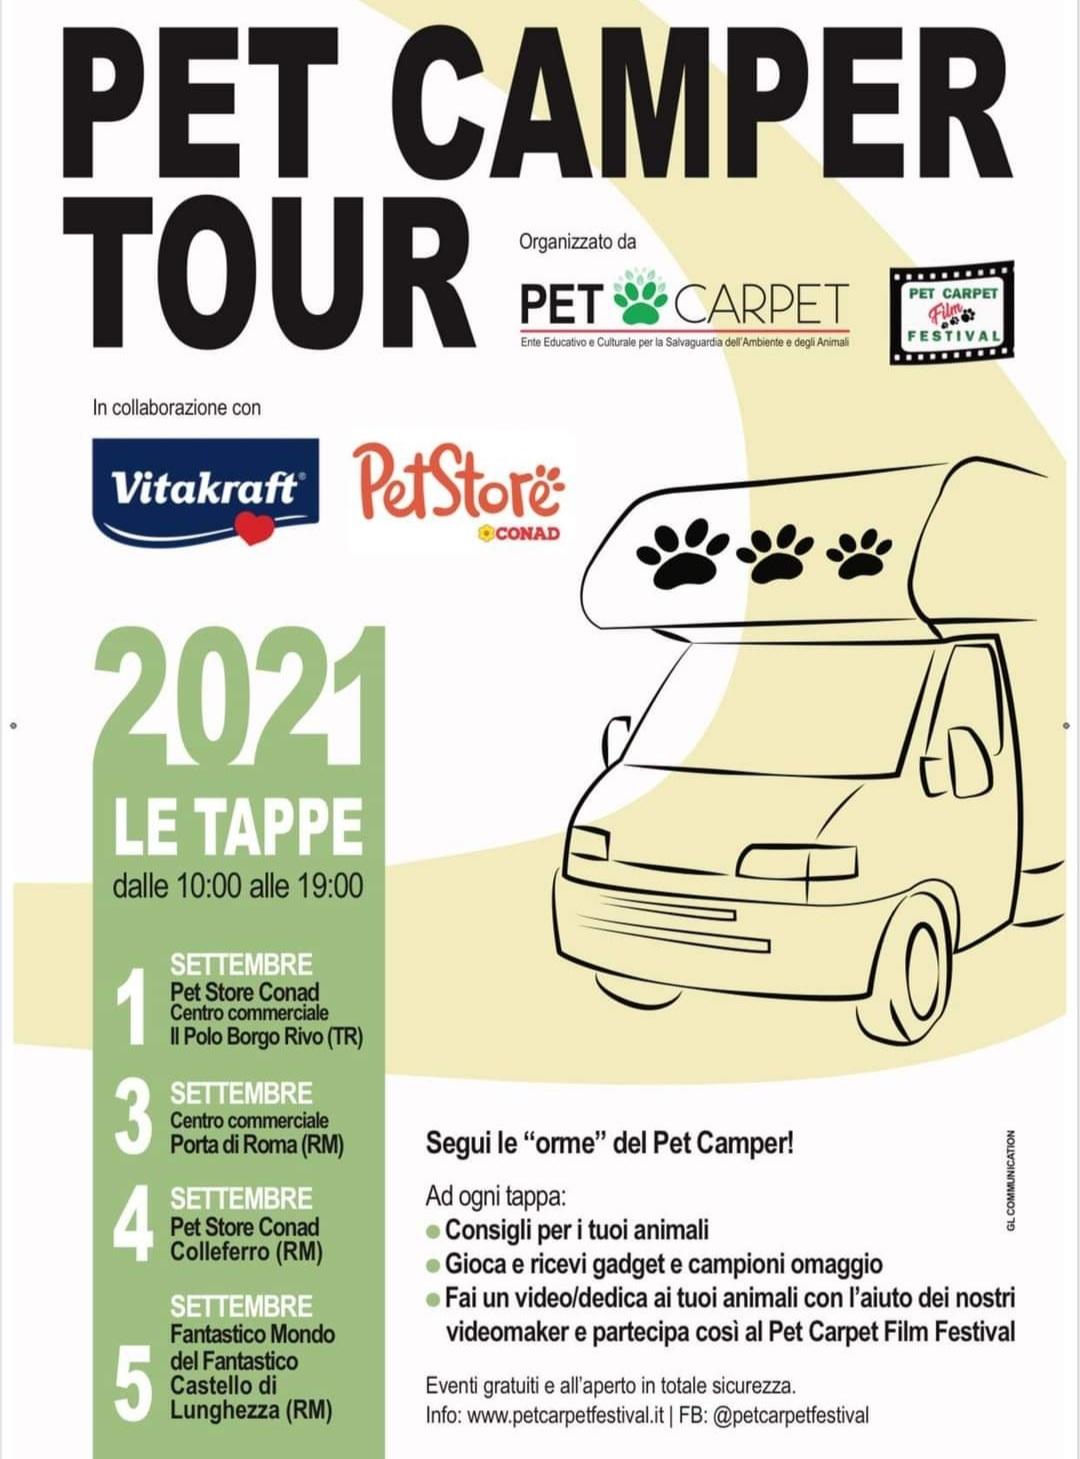 Animali, le tappe laziali del Pet Camper Tour, dove trionfa l'amore per gli amici a quattro zampe